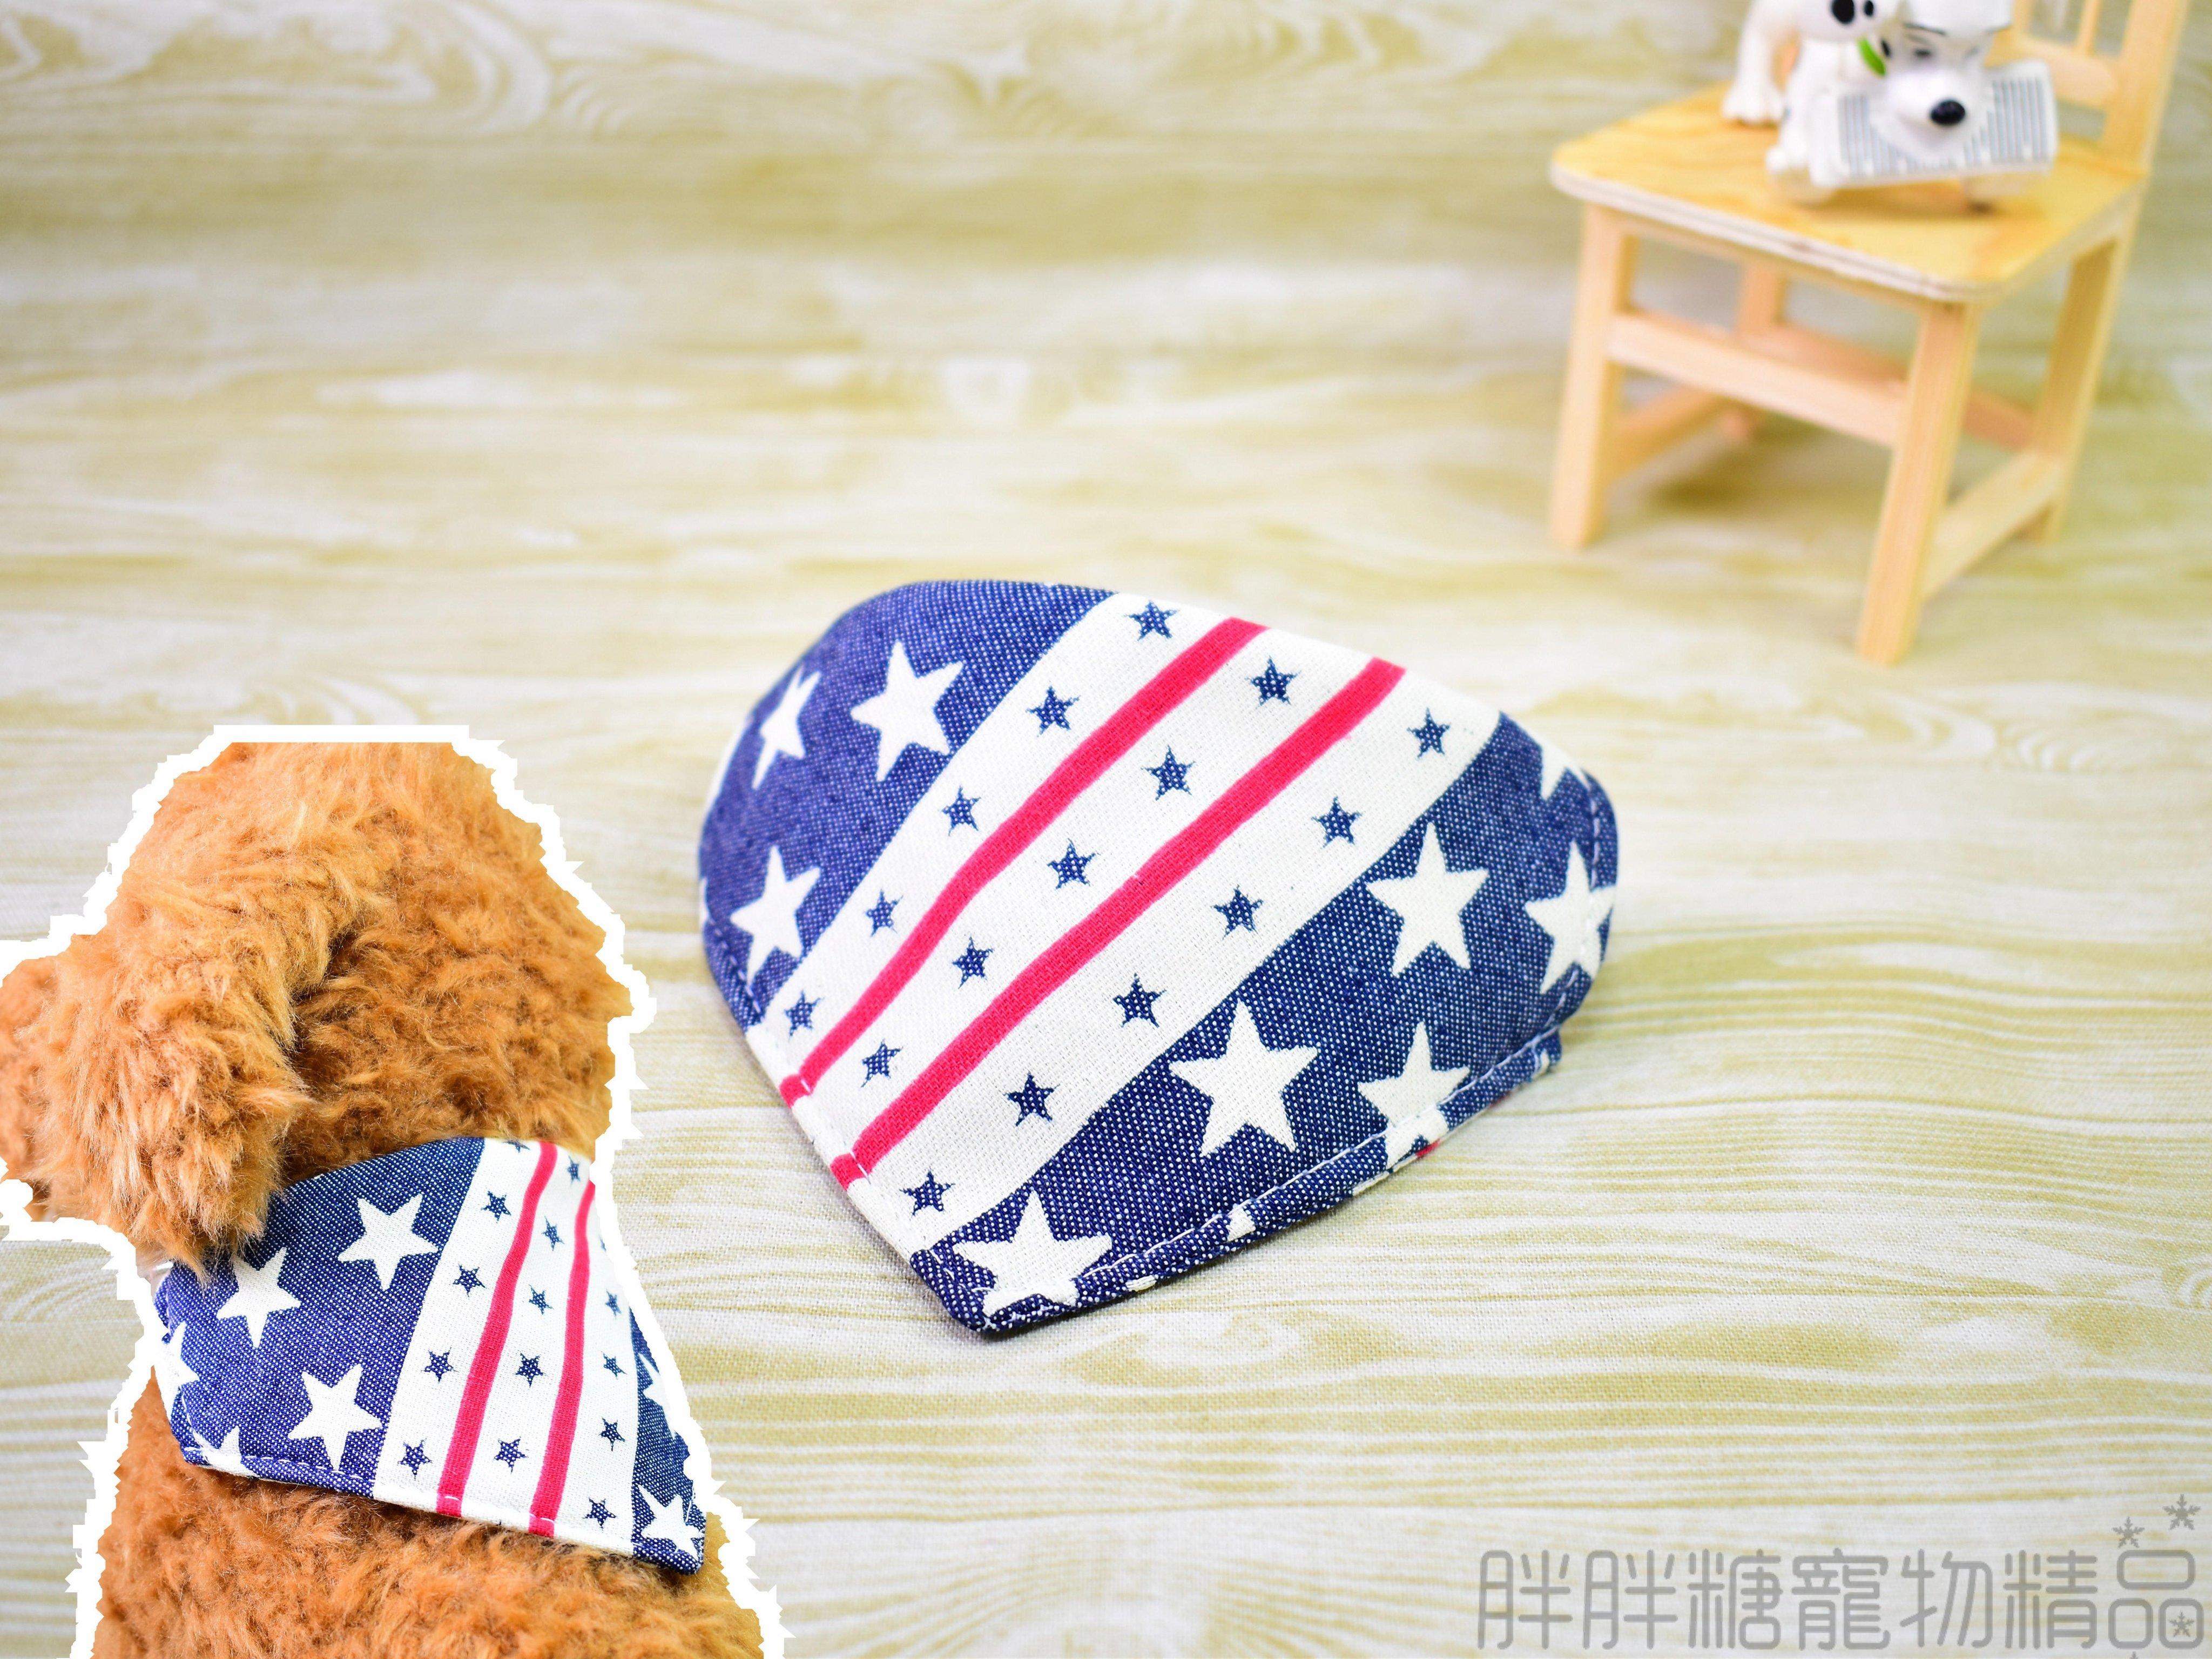 【胖胖糖】美國牛仔風領巾項圈(XS號)-寵物項圈 可伸縮 大中小型犬 頸圈 貓項圈 狗項圈